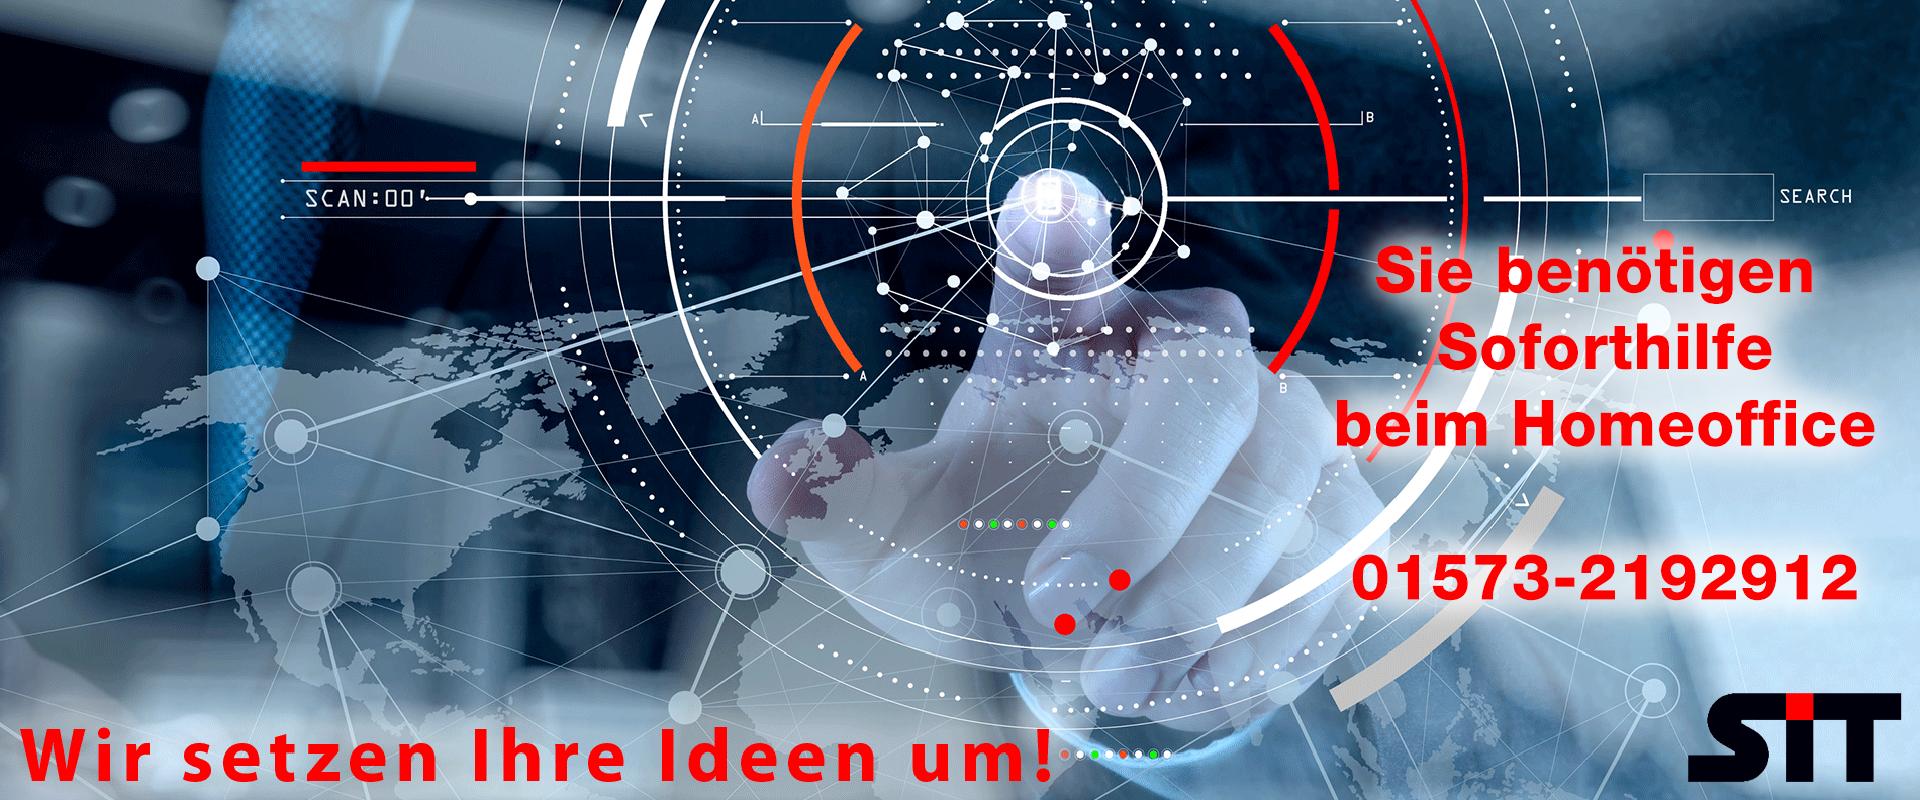 Bild mit Schriftzug: Wir setzen Ihre Ideen um!